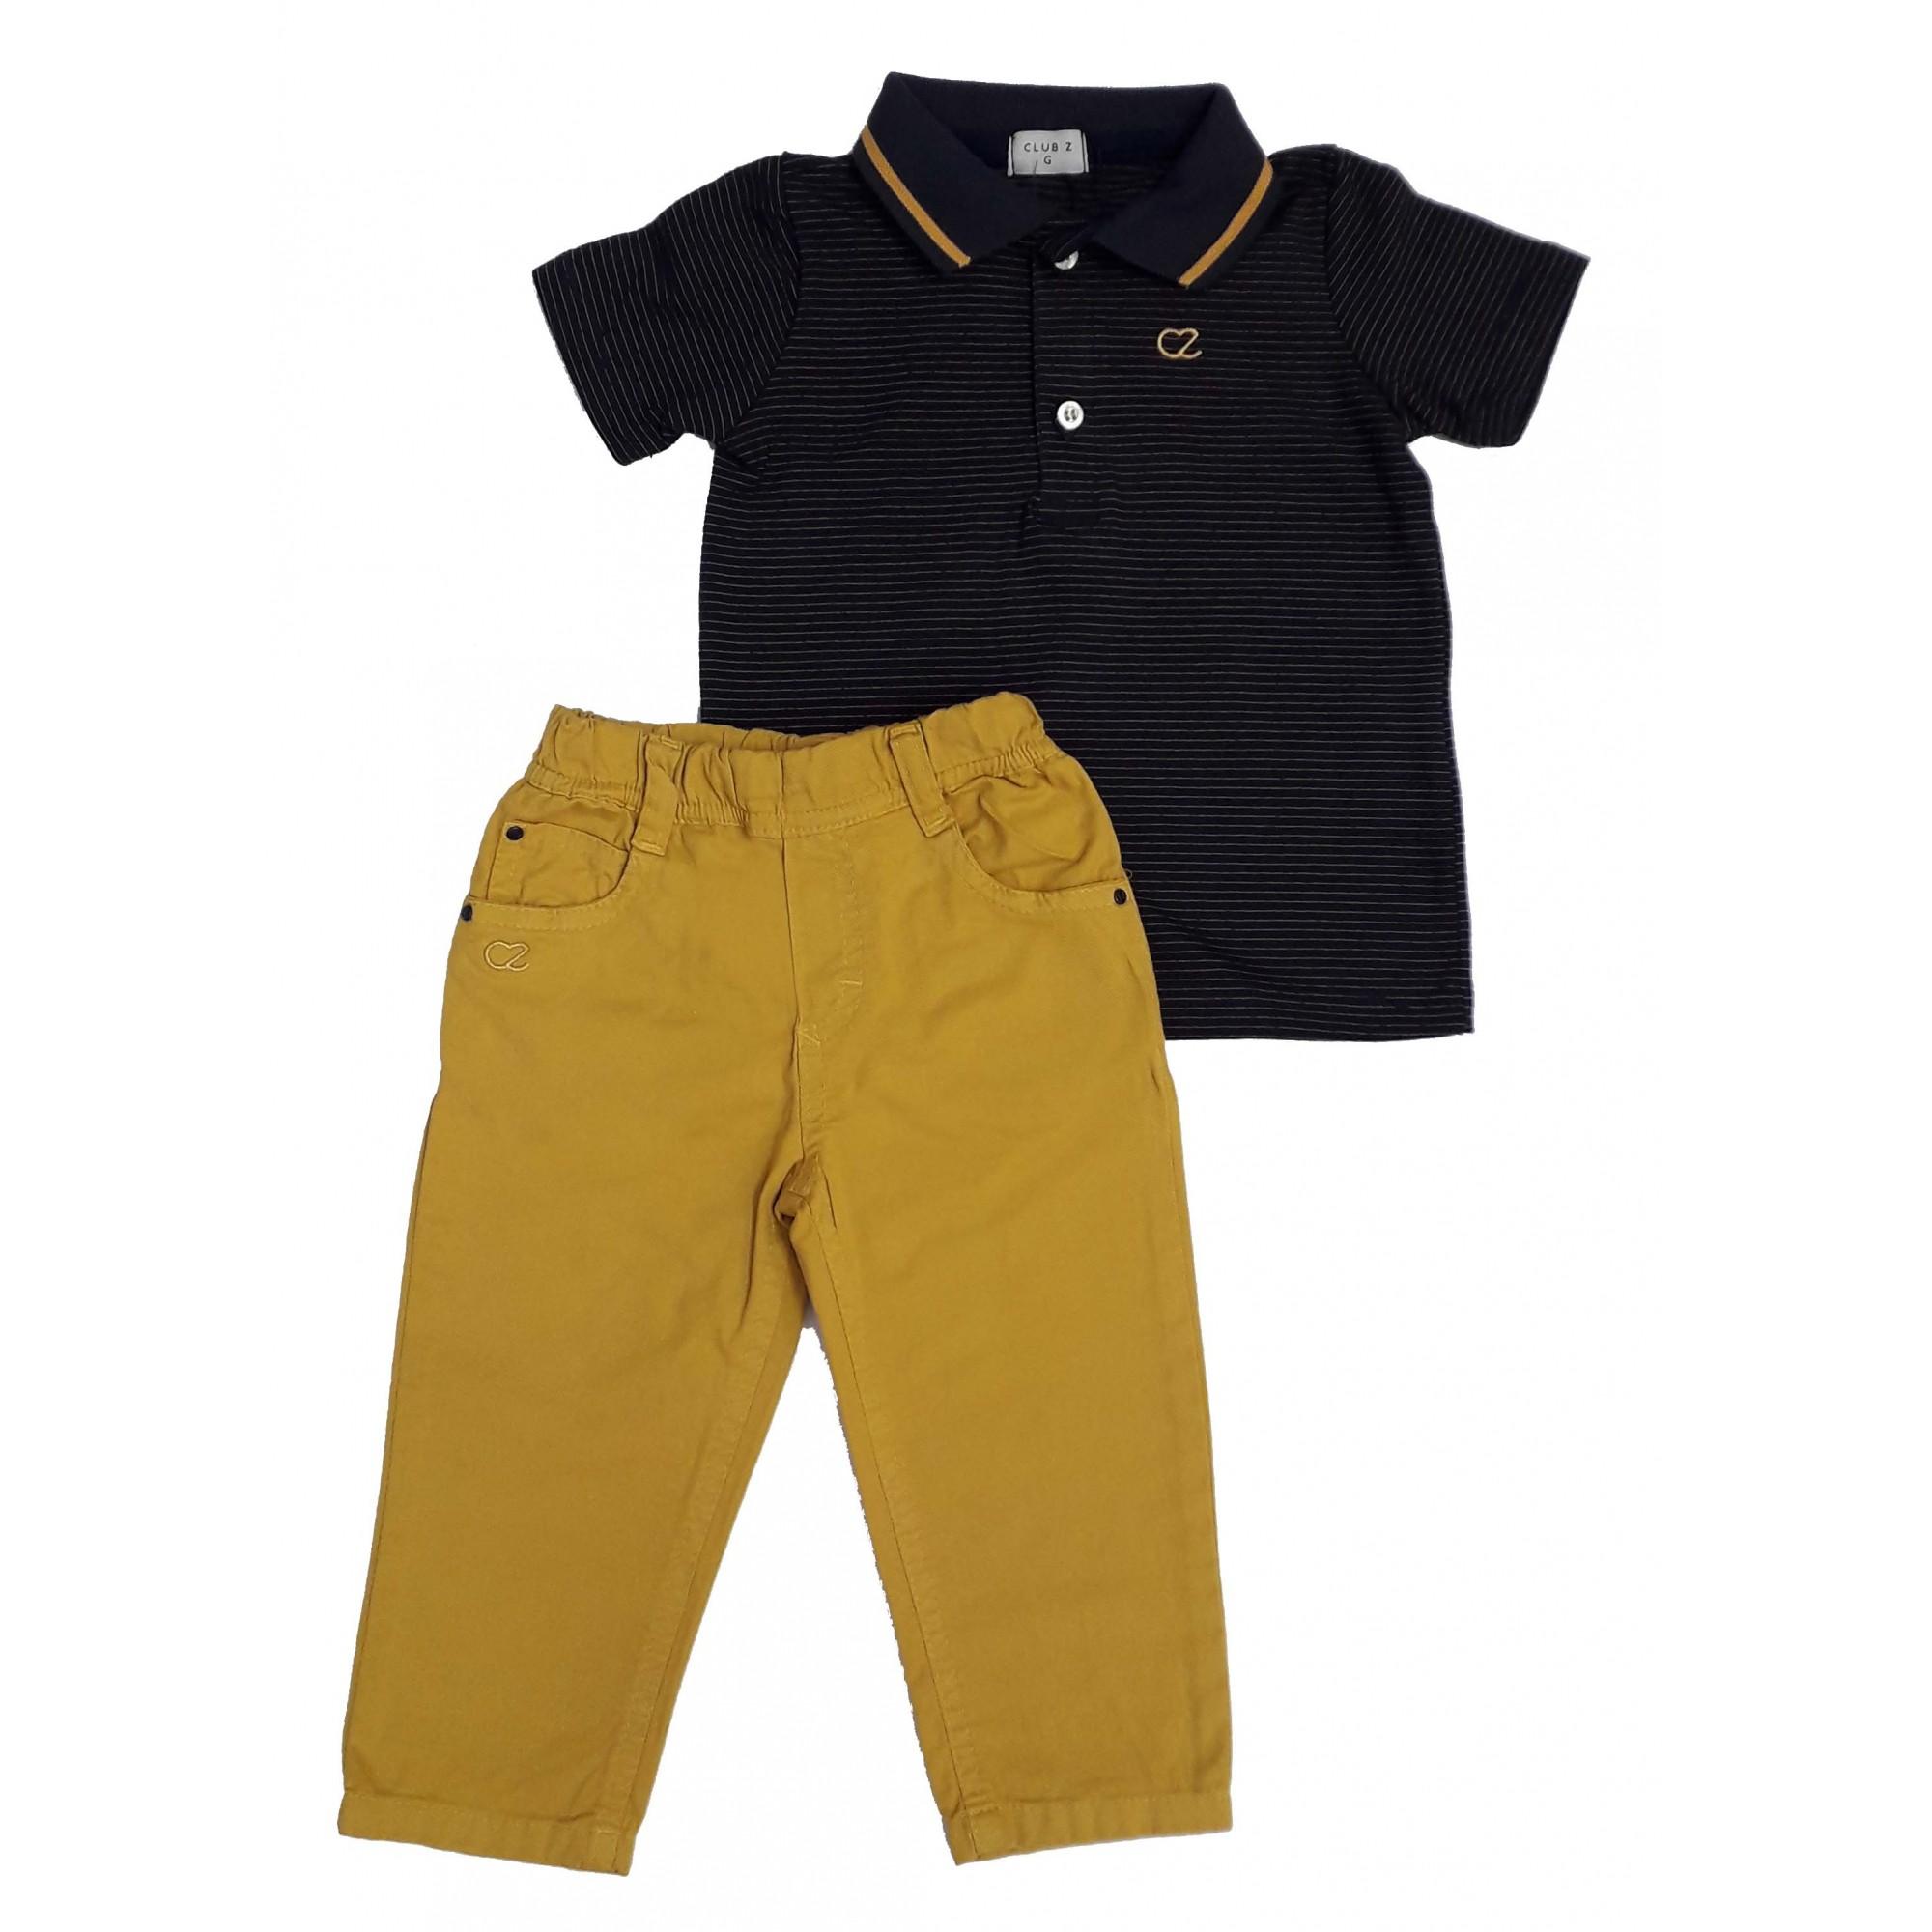 Conjunto Infantil Masculino Polo Listras e Calça Sarja Club Z